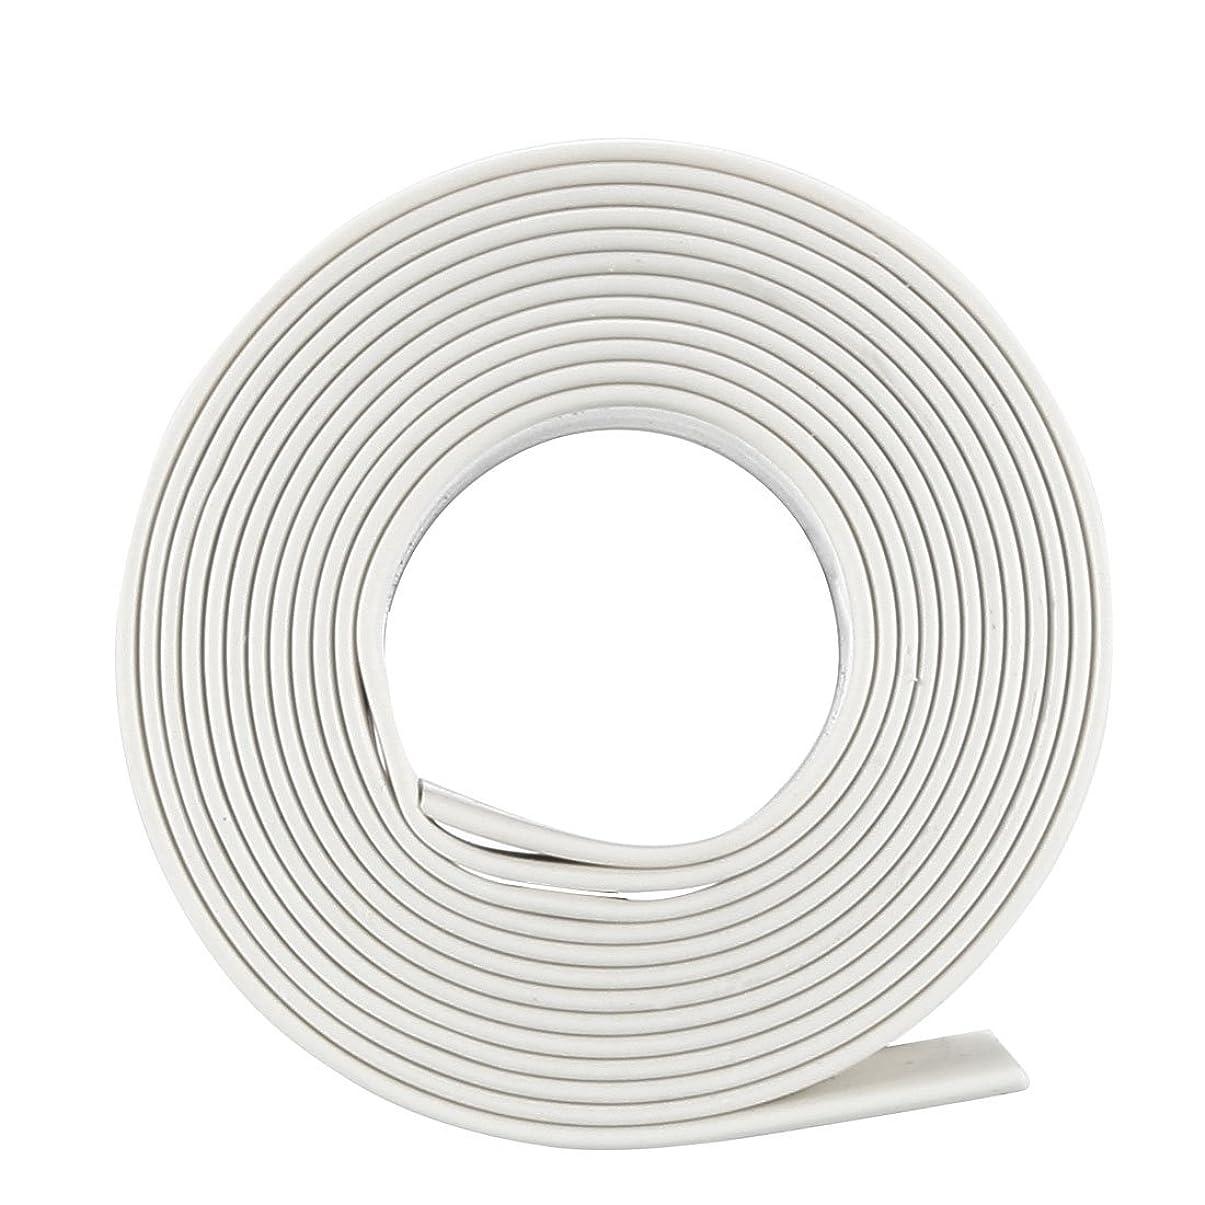 ケープクリスチャンどこuxcell 電気絶縁チューブ 熱収縮チューブ ワイヤ接続チューブ 縮小率2:1 直径8mm 長さ1m ホワイト